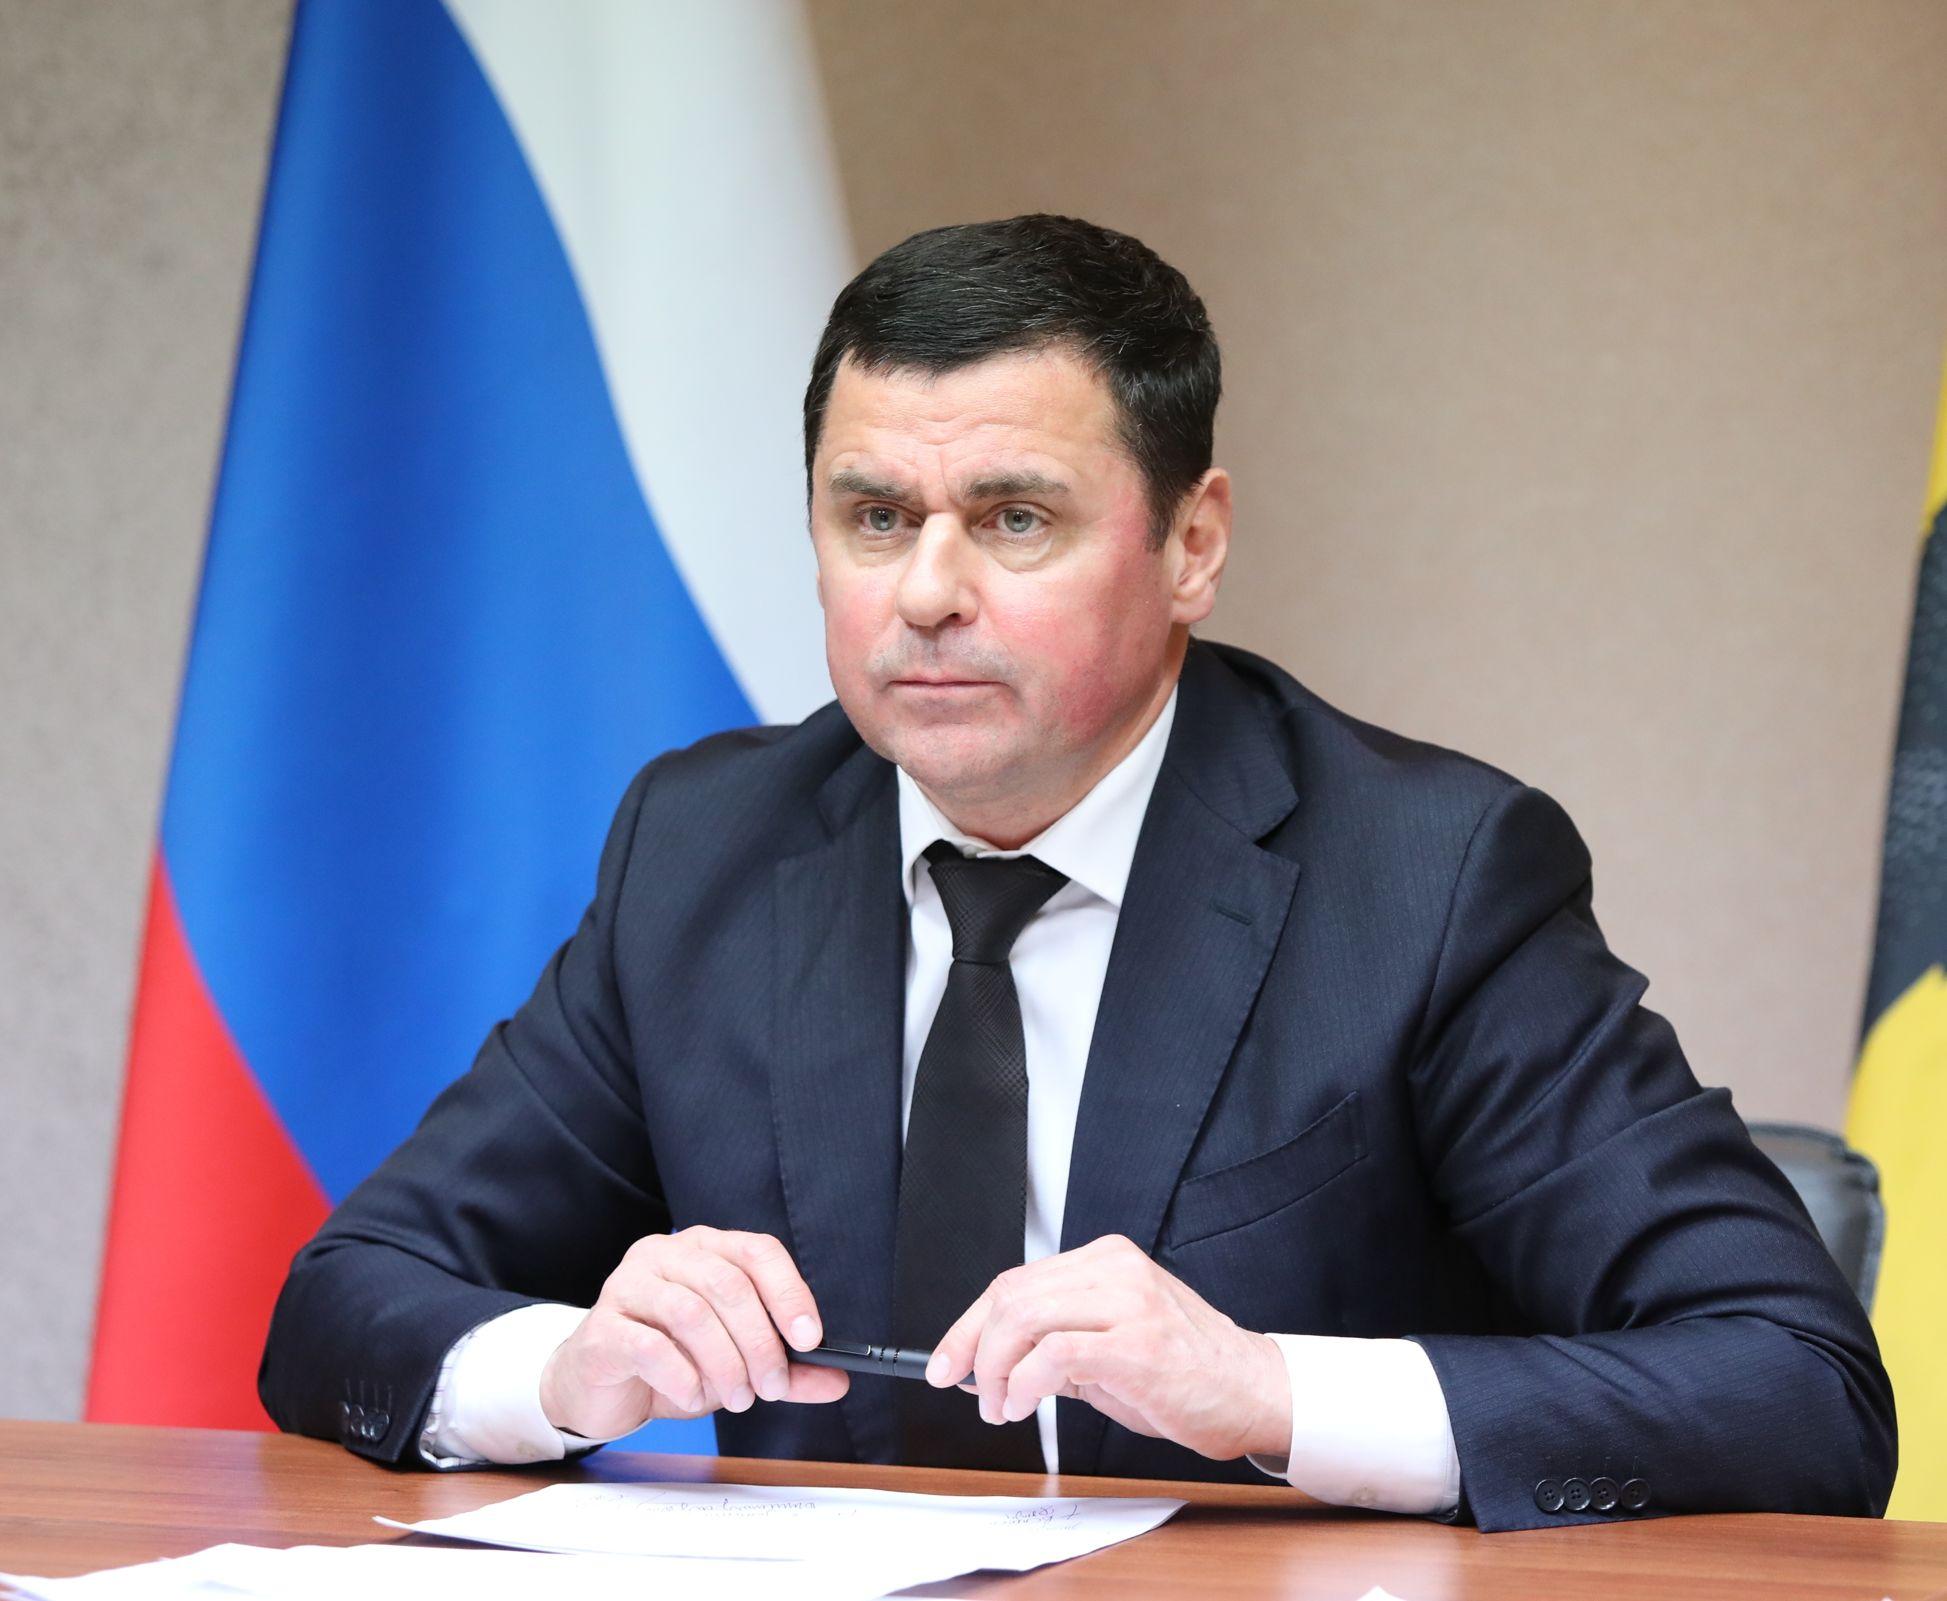 Дмитрий Миронов: четыре санатория Ярославской области участвуют в программе туристического кешбэка